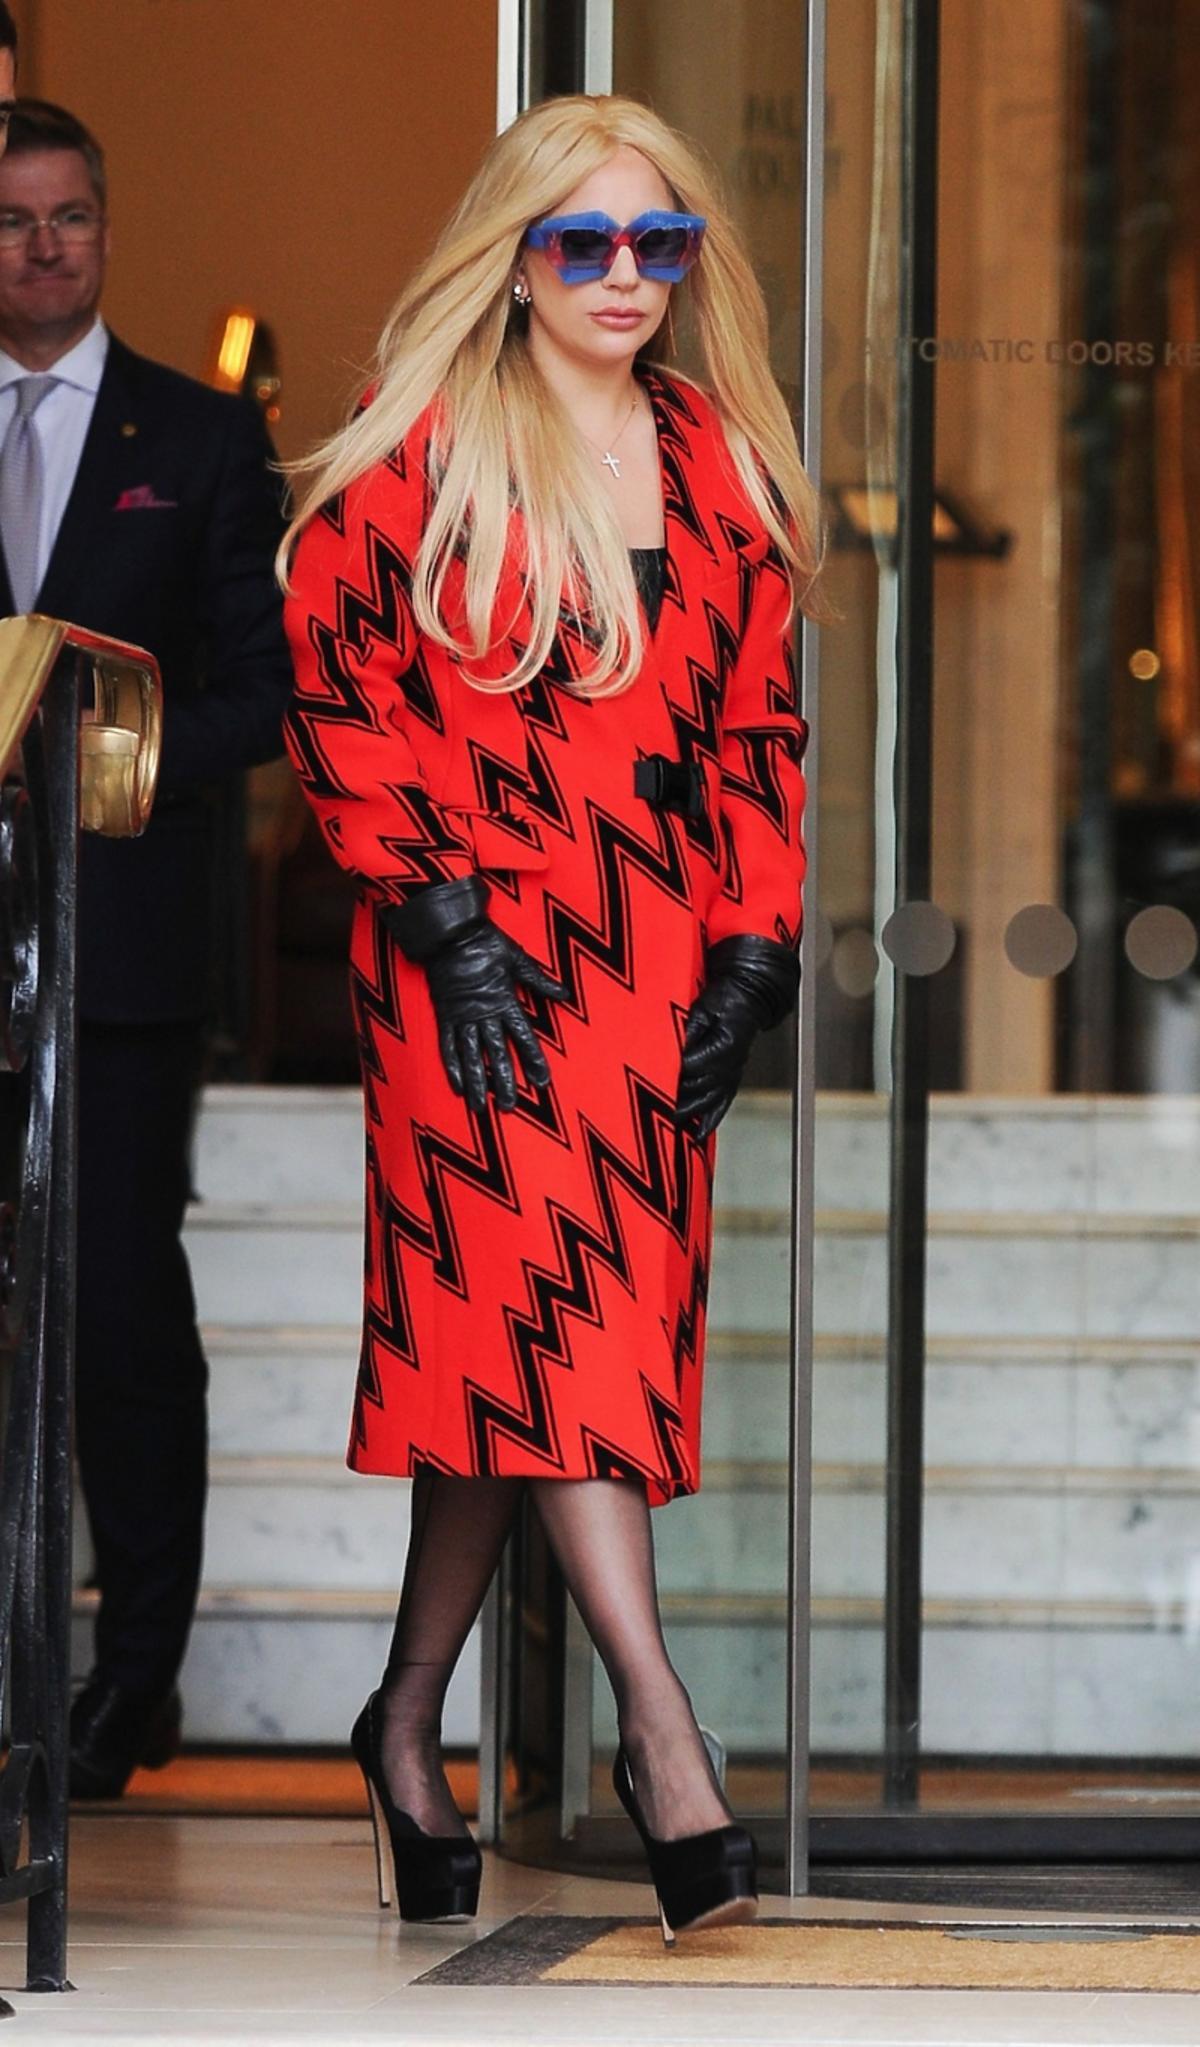 Lady Gaga w pomarańczowym płaszczu z nadrukiem w czarne zygzaki i rękawiczkach